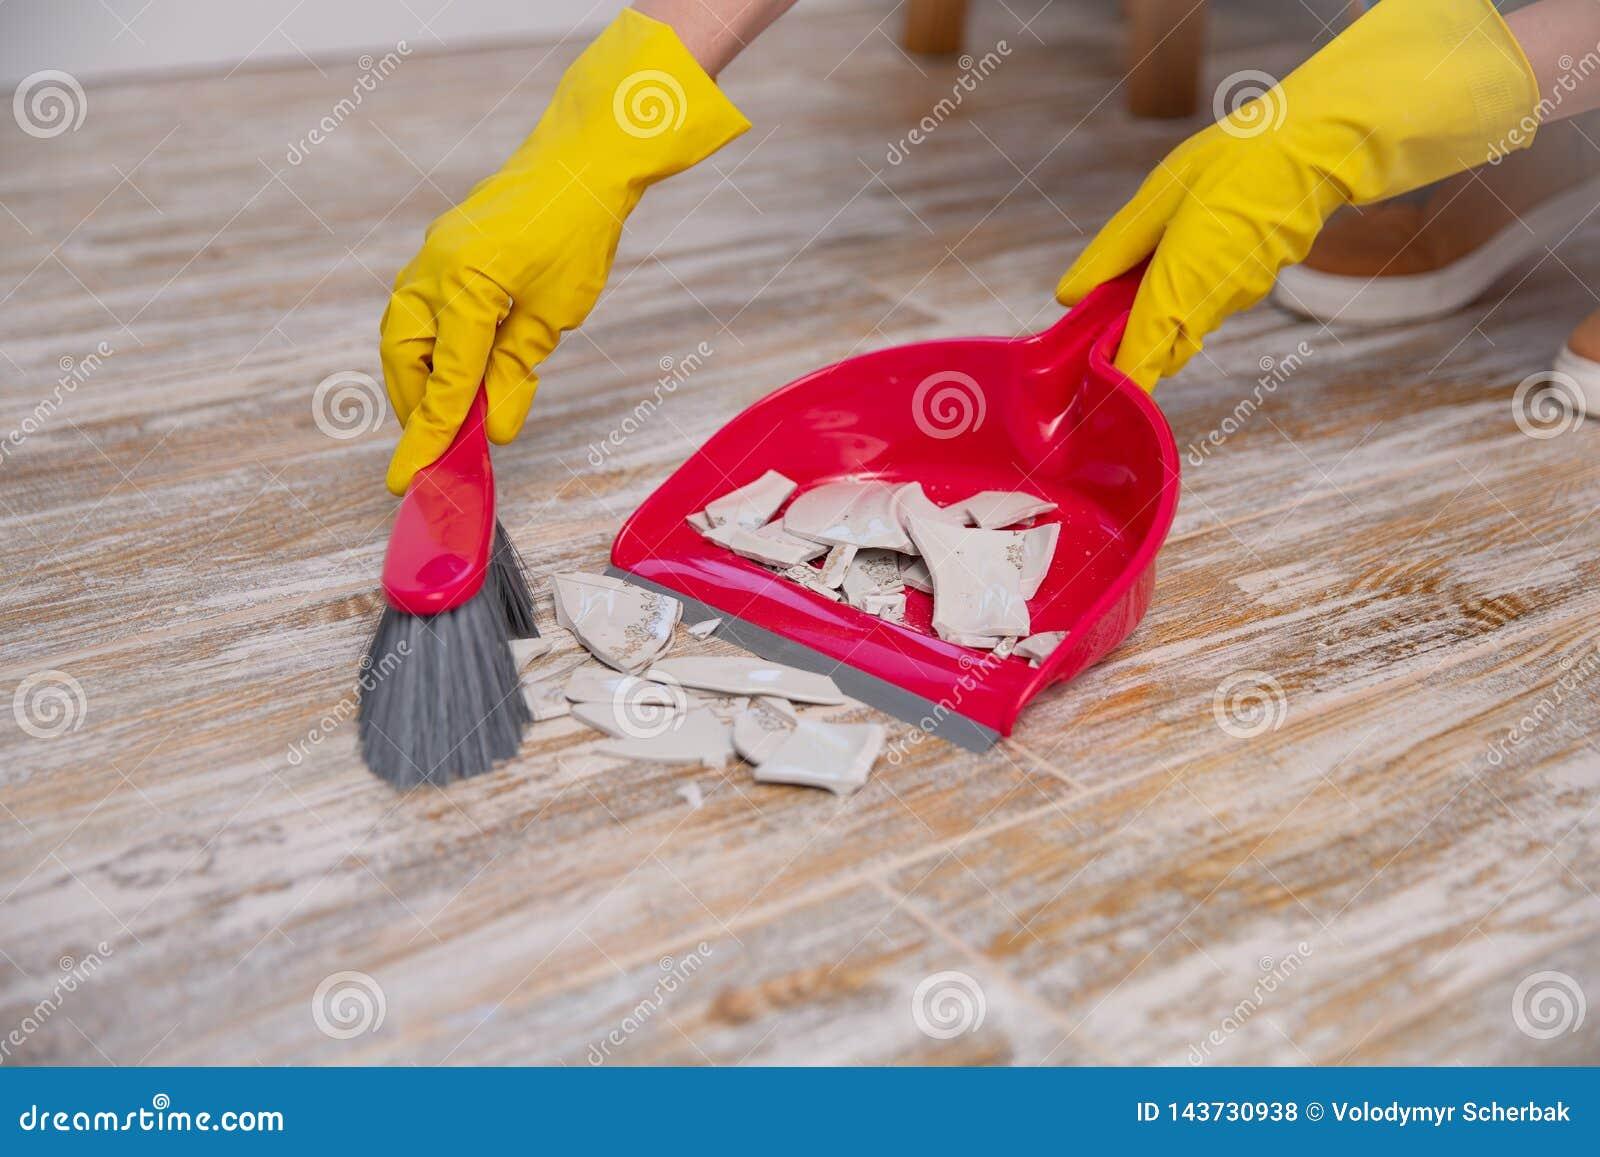 Czyści w górę łamanego talerza z miotłą i śmietniczką